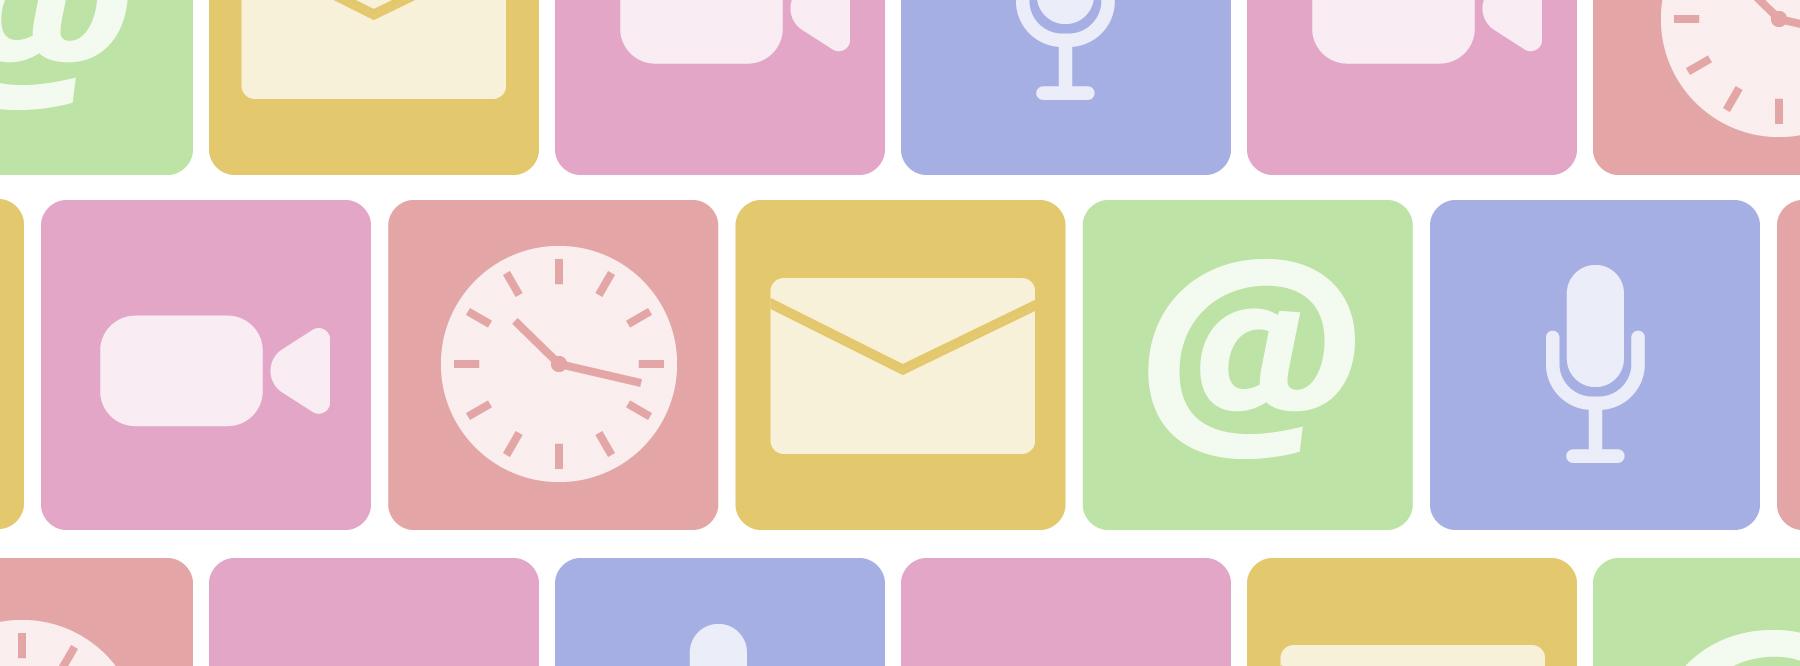 5 herramientas digitales útiles para la educación virtual